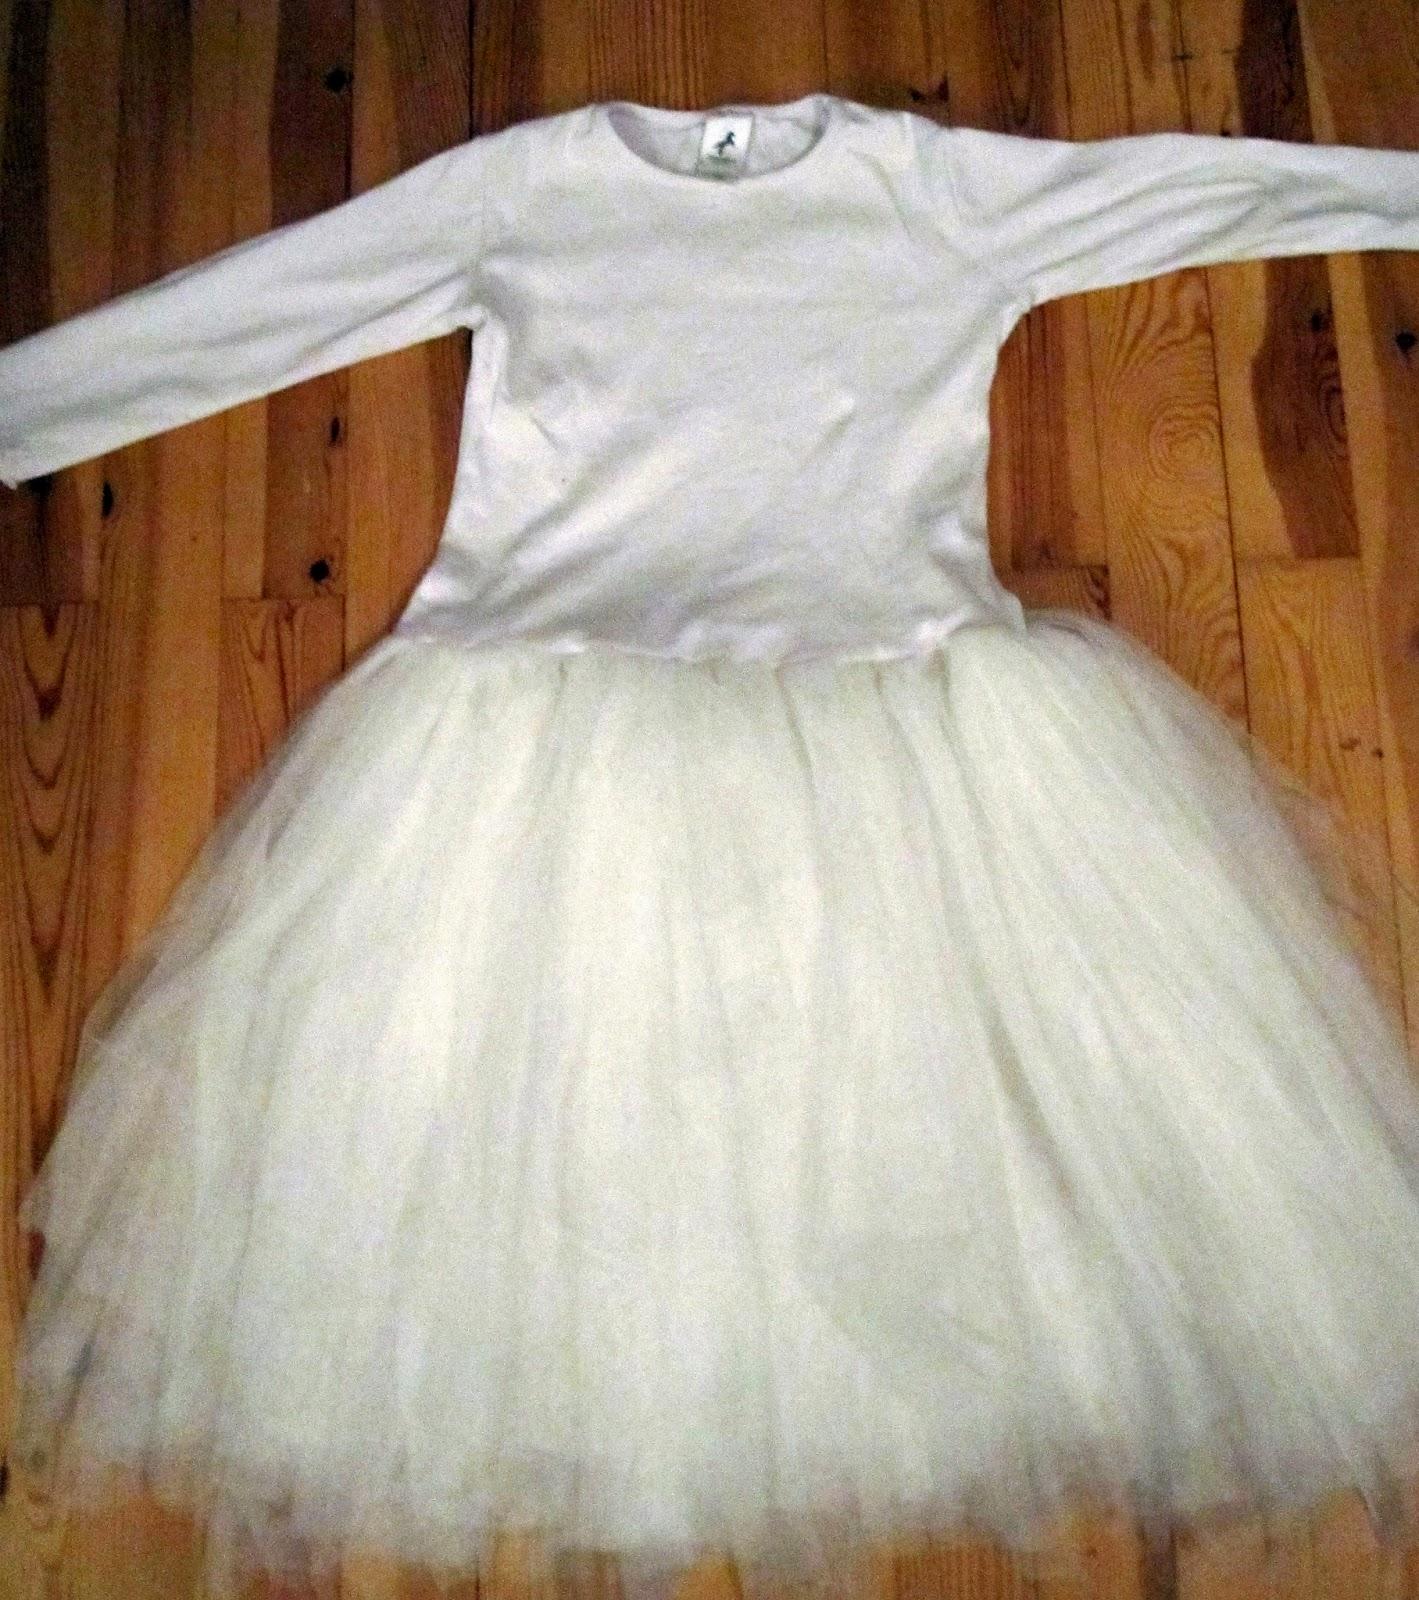 Prinzessin Kleid Nhen. Latest Sommer Neue Mdchen Kleine Gaze Kleid ...